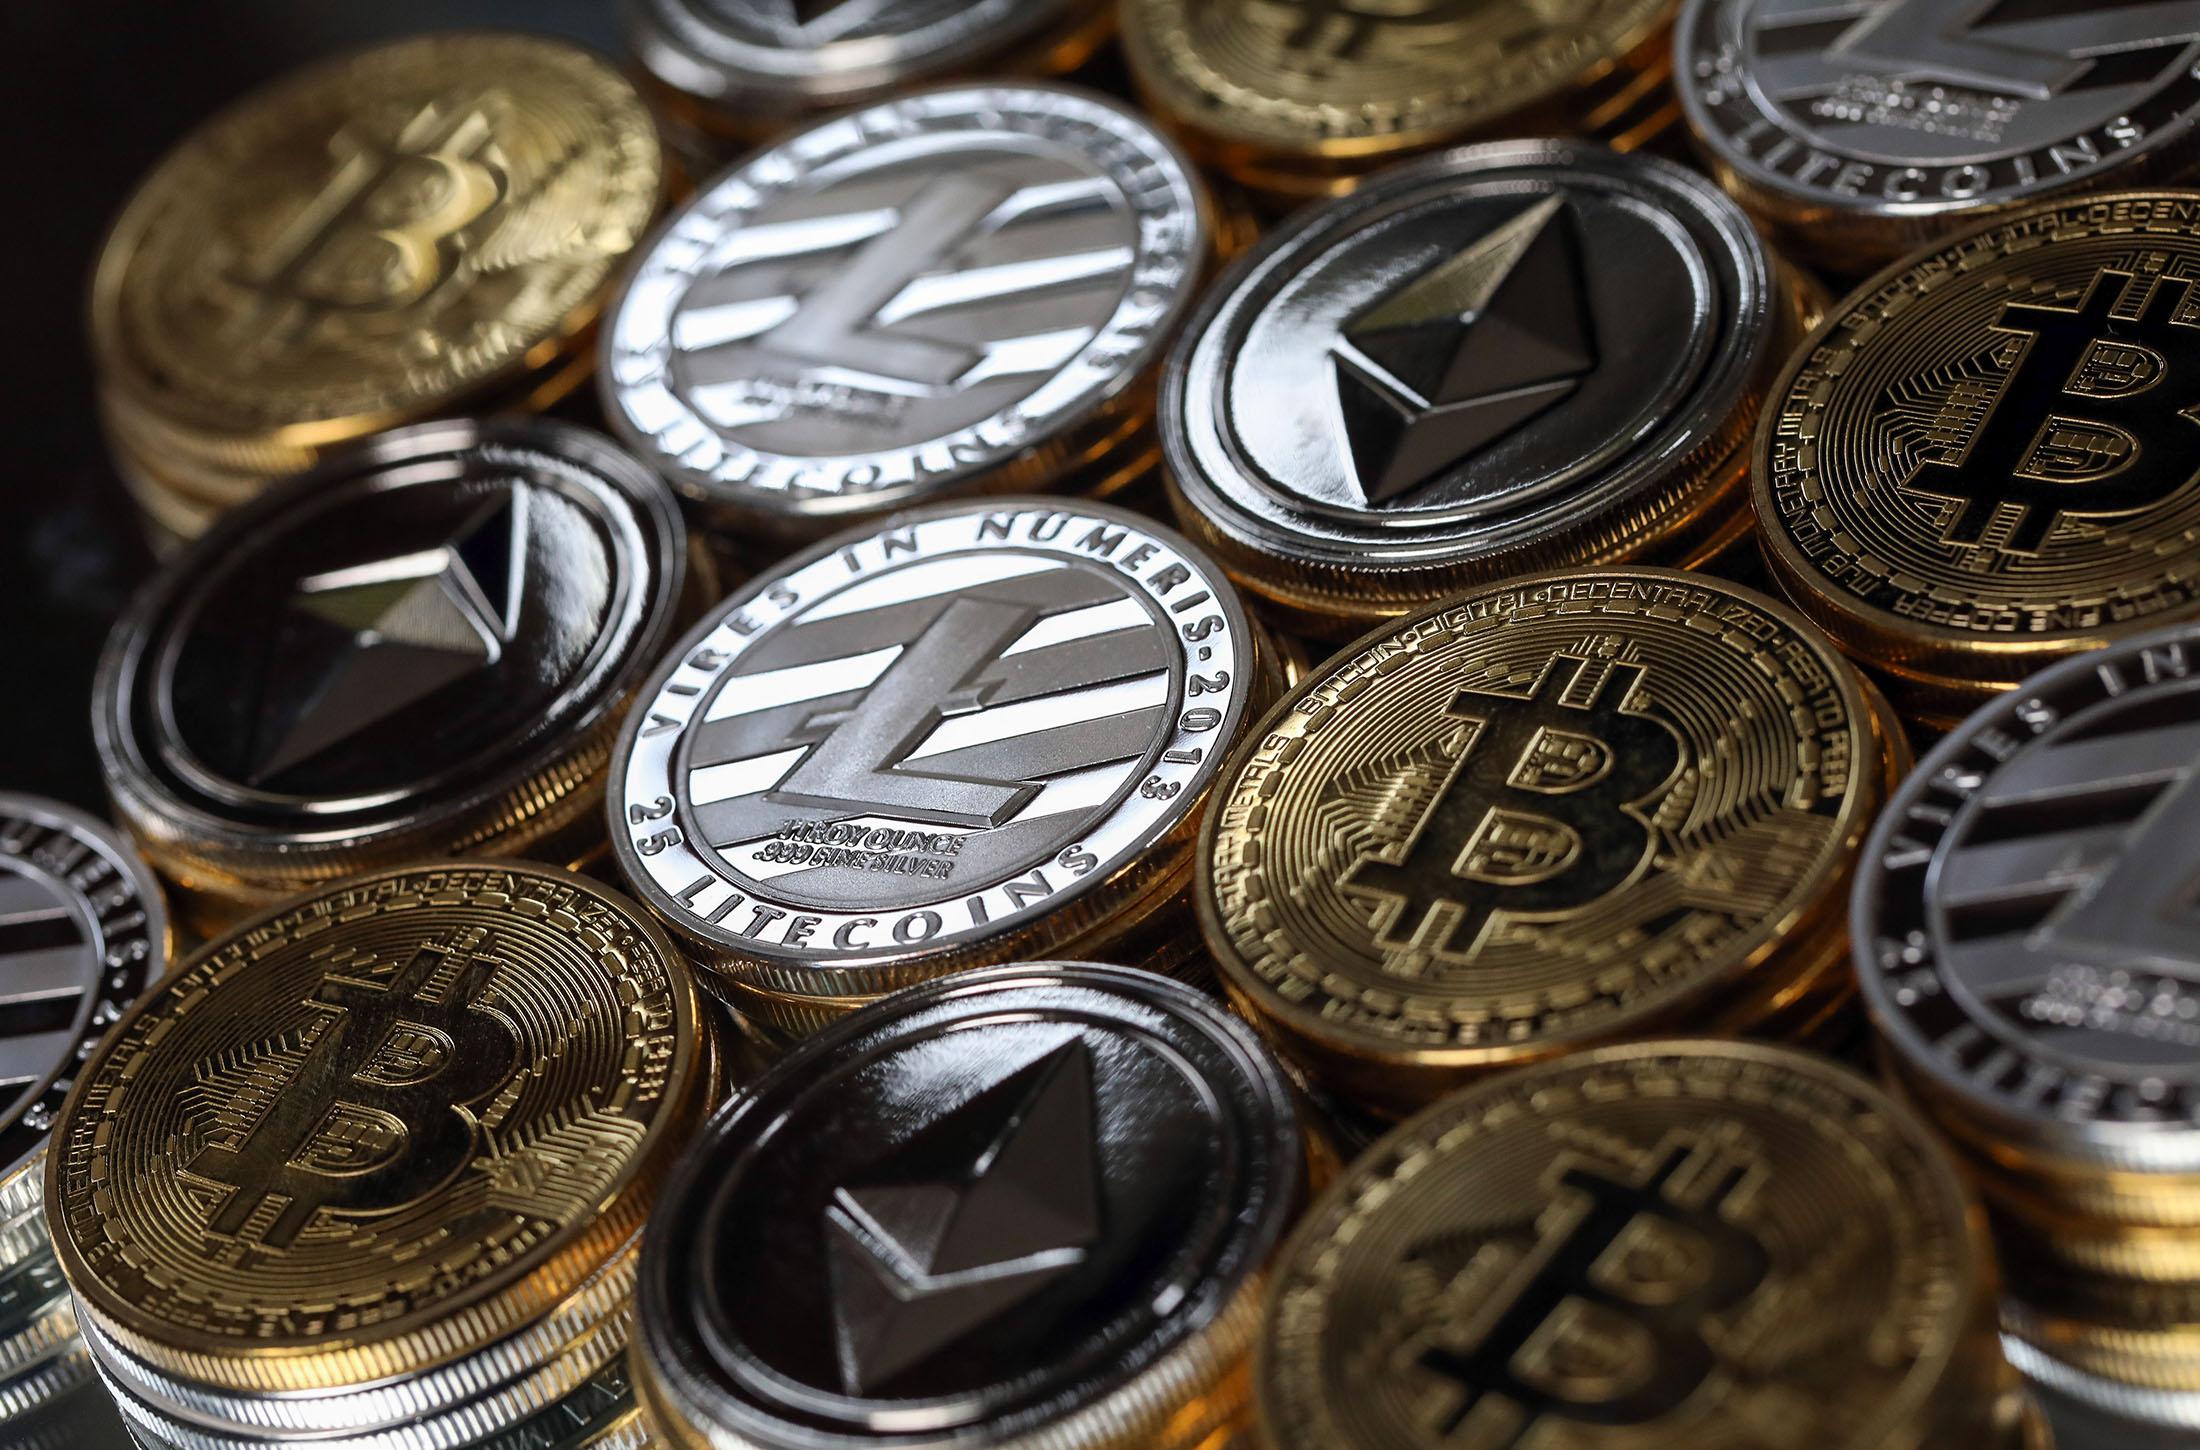 valore totale di tutte cryptocurrencies wat è bitcoin mining